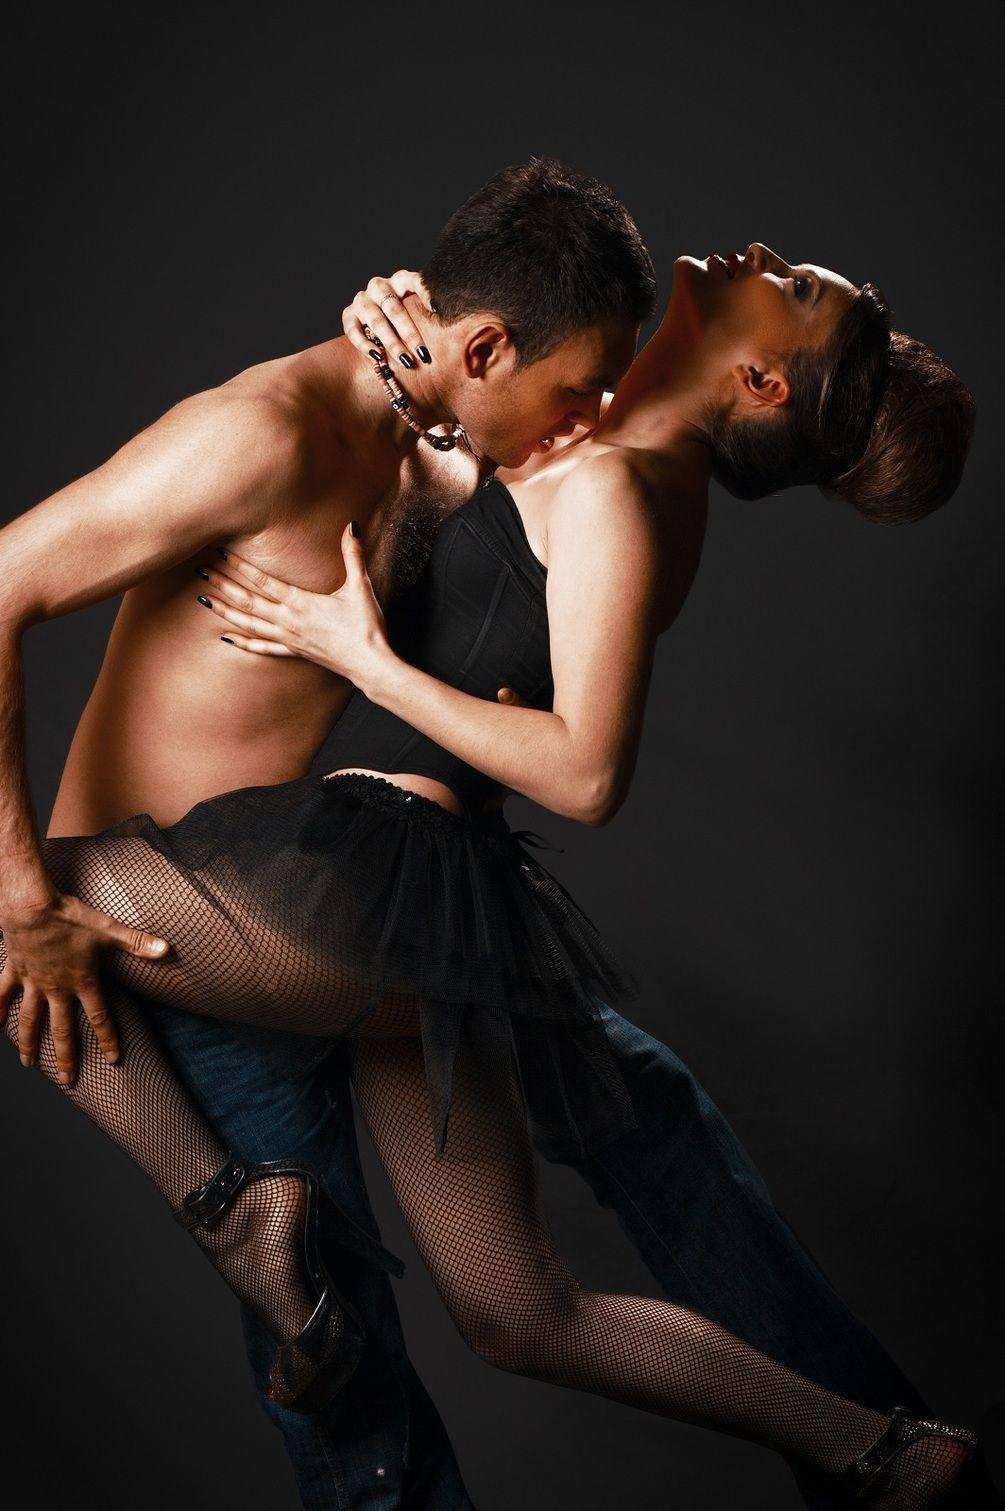 porno-v-doma-tango-krasotka-strastno-soset